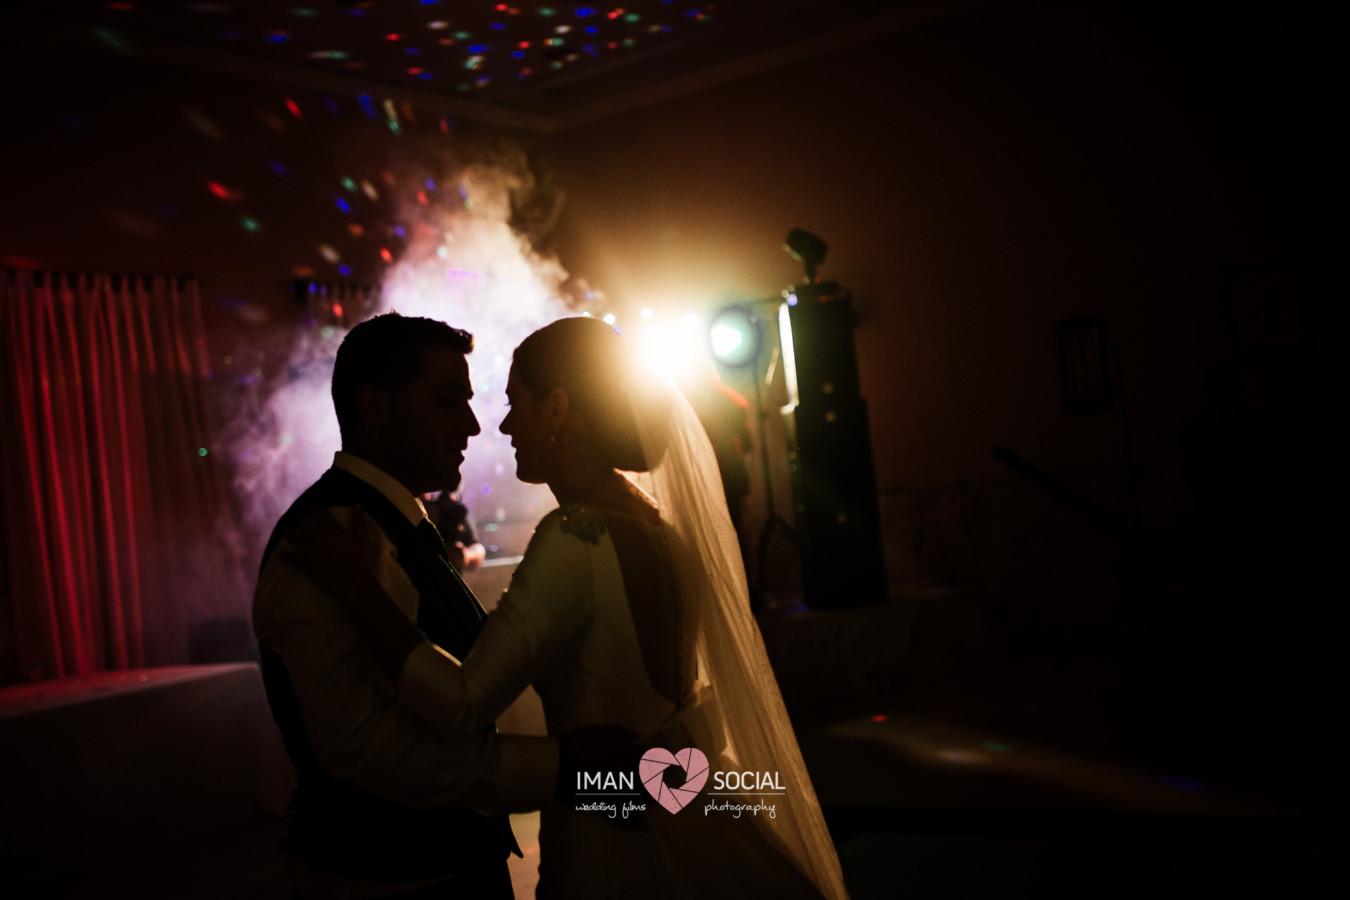 fotografo-de-boda-en-cordoba-sevilla-posadas-boda-auxi-y-antonio-37 Auxi & Antonio, primera boda de la temporada - video boda cordoba